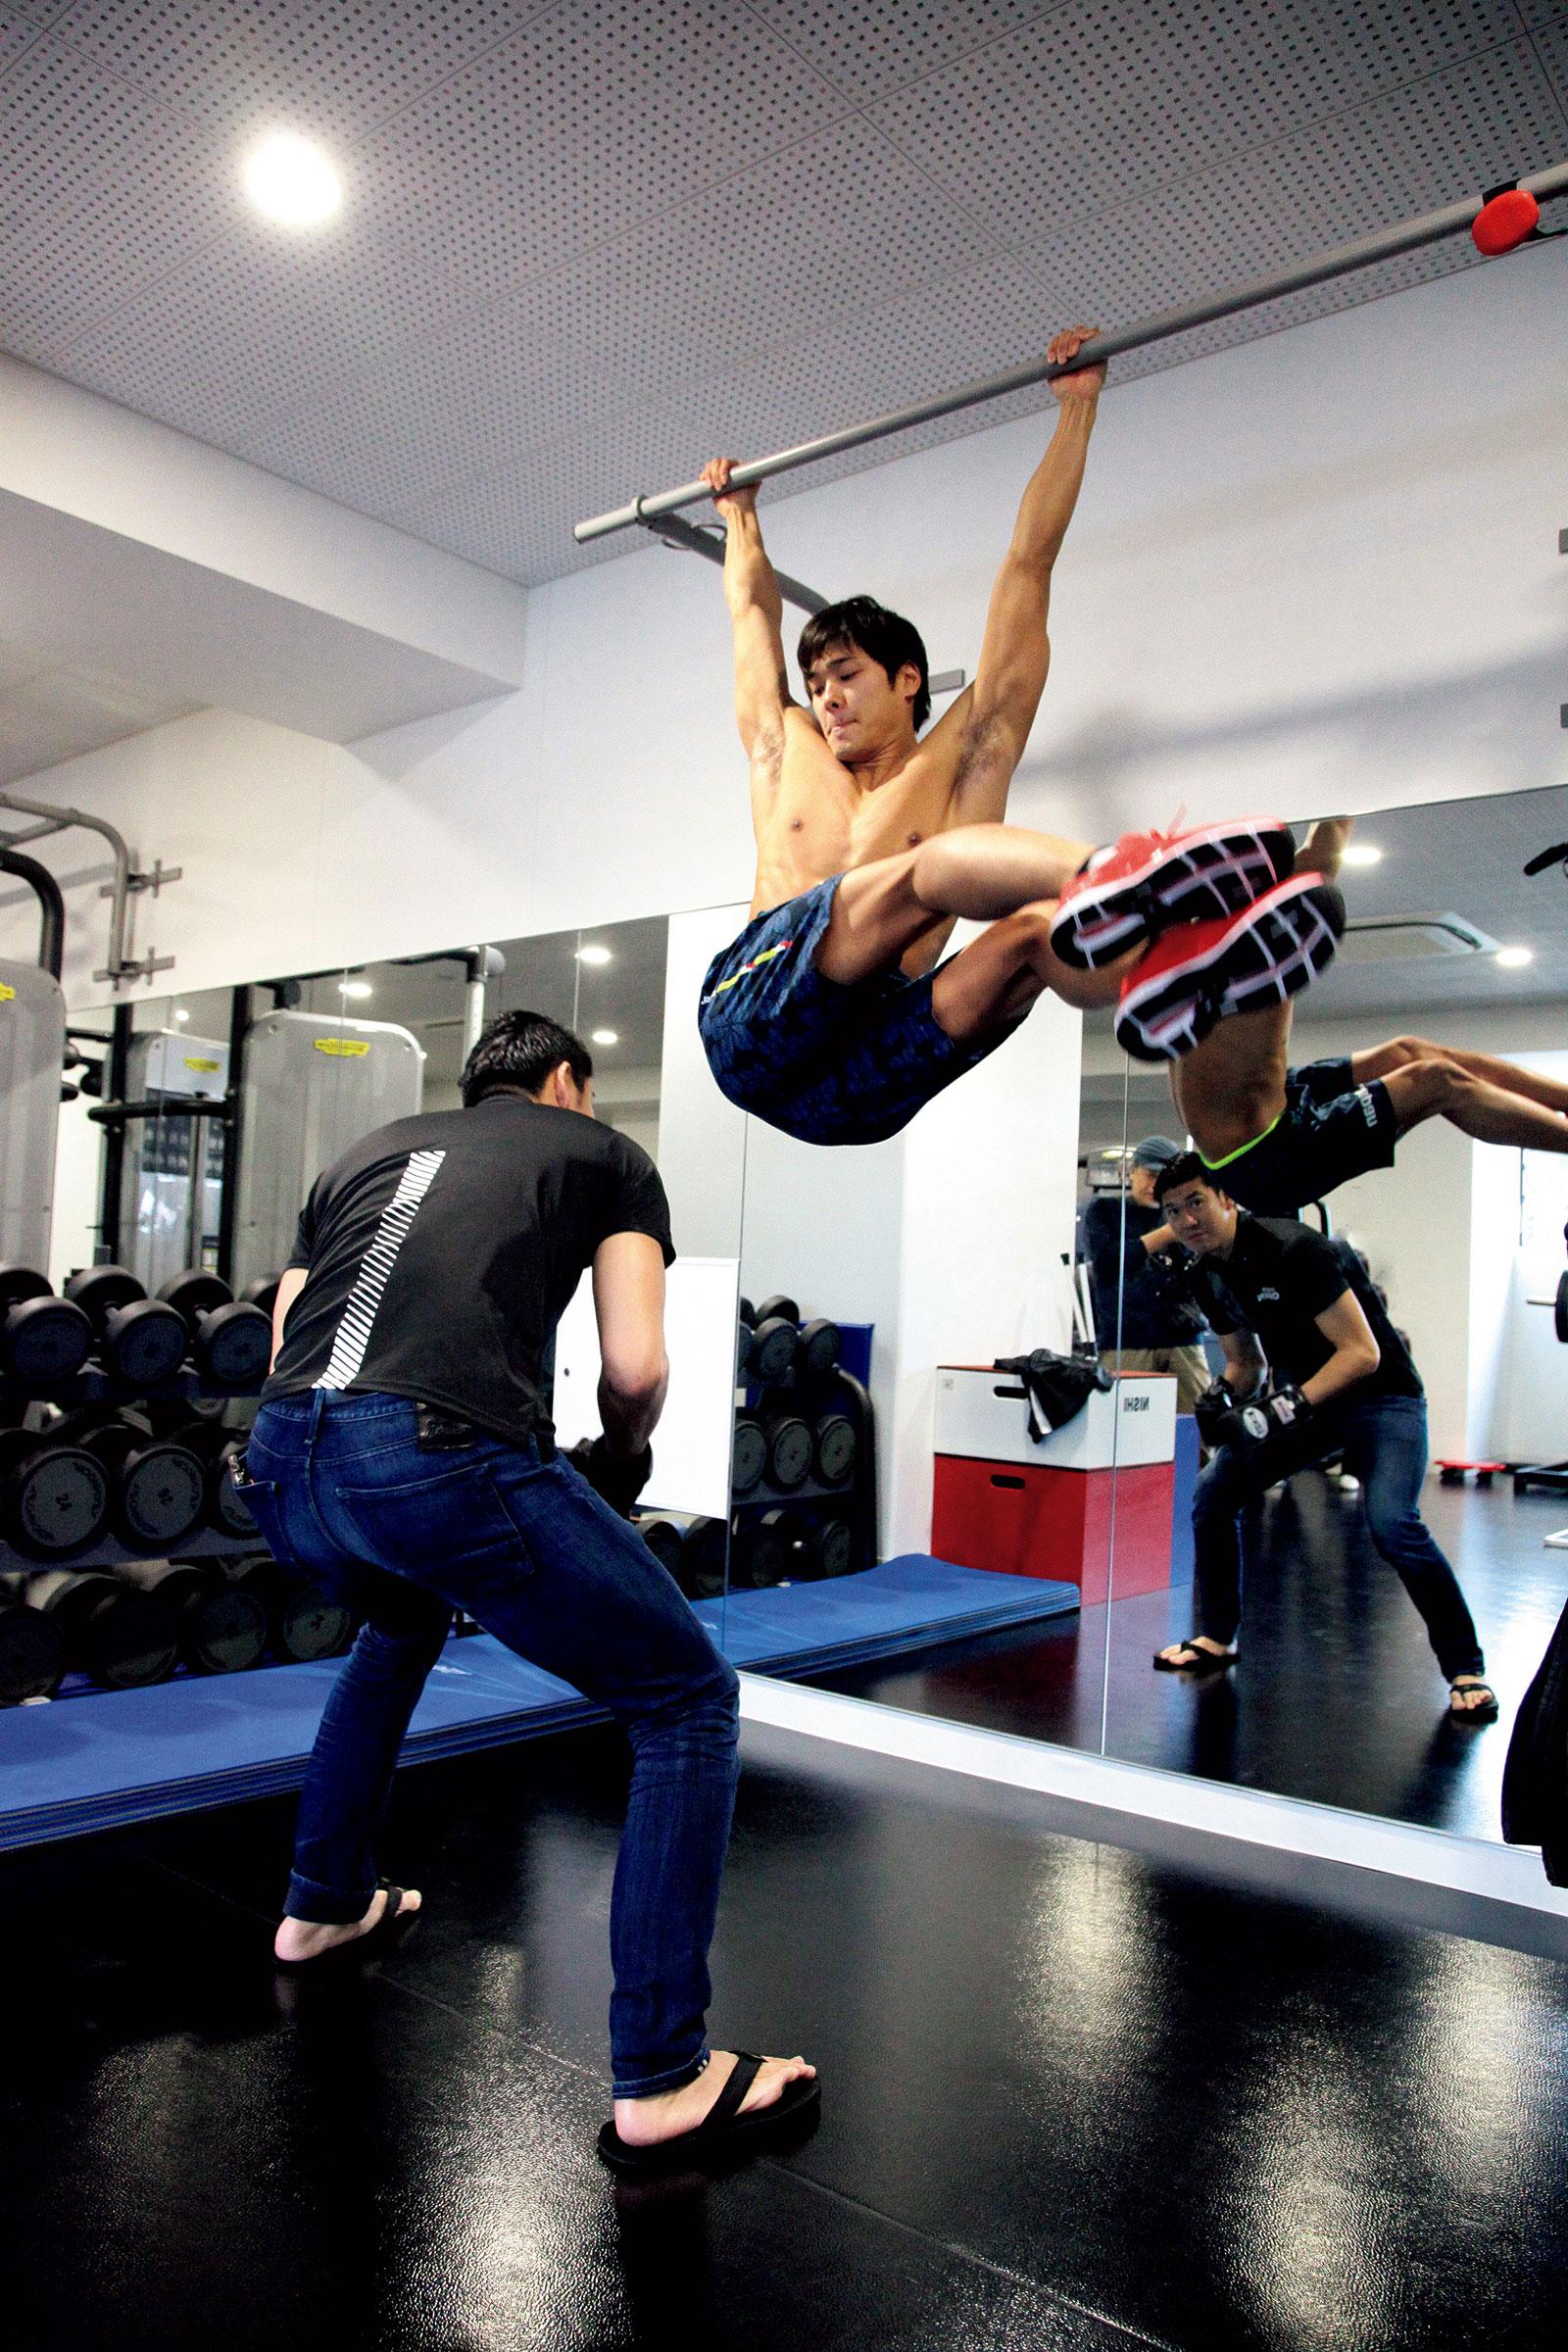 水泳選手・中村克は腰に12kgの重りをつけて懸垂を行う